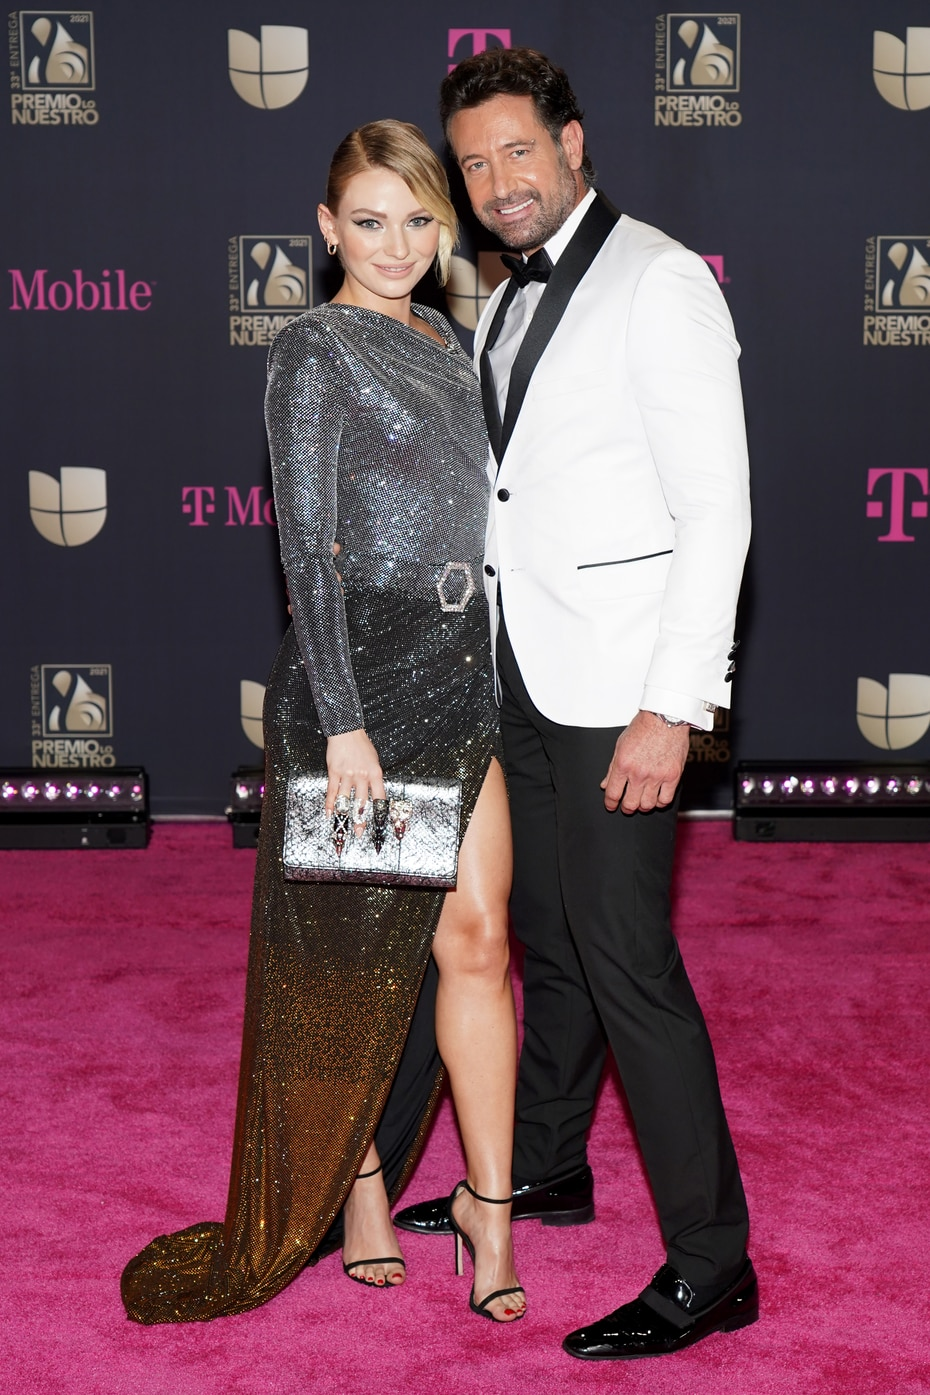 Irina Baeva y Gabriel Soto, quienes protagonizan una de las nuevas telenovelas de Univision, posaron juntos a su llegada a la alfombra magenta.